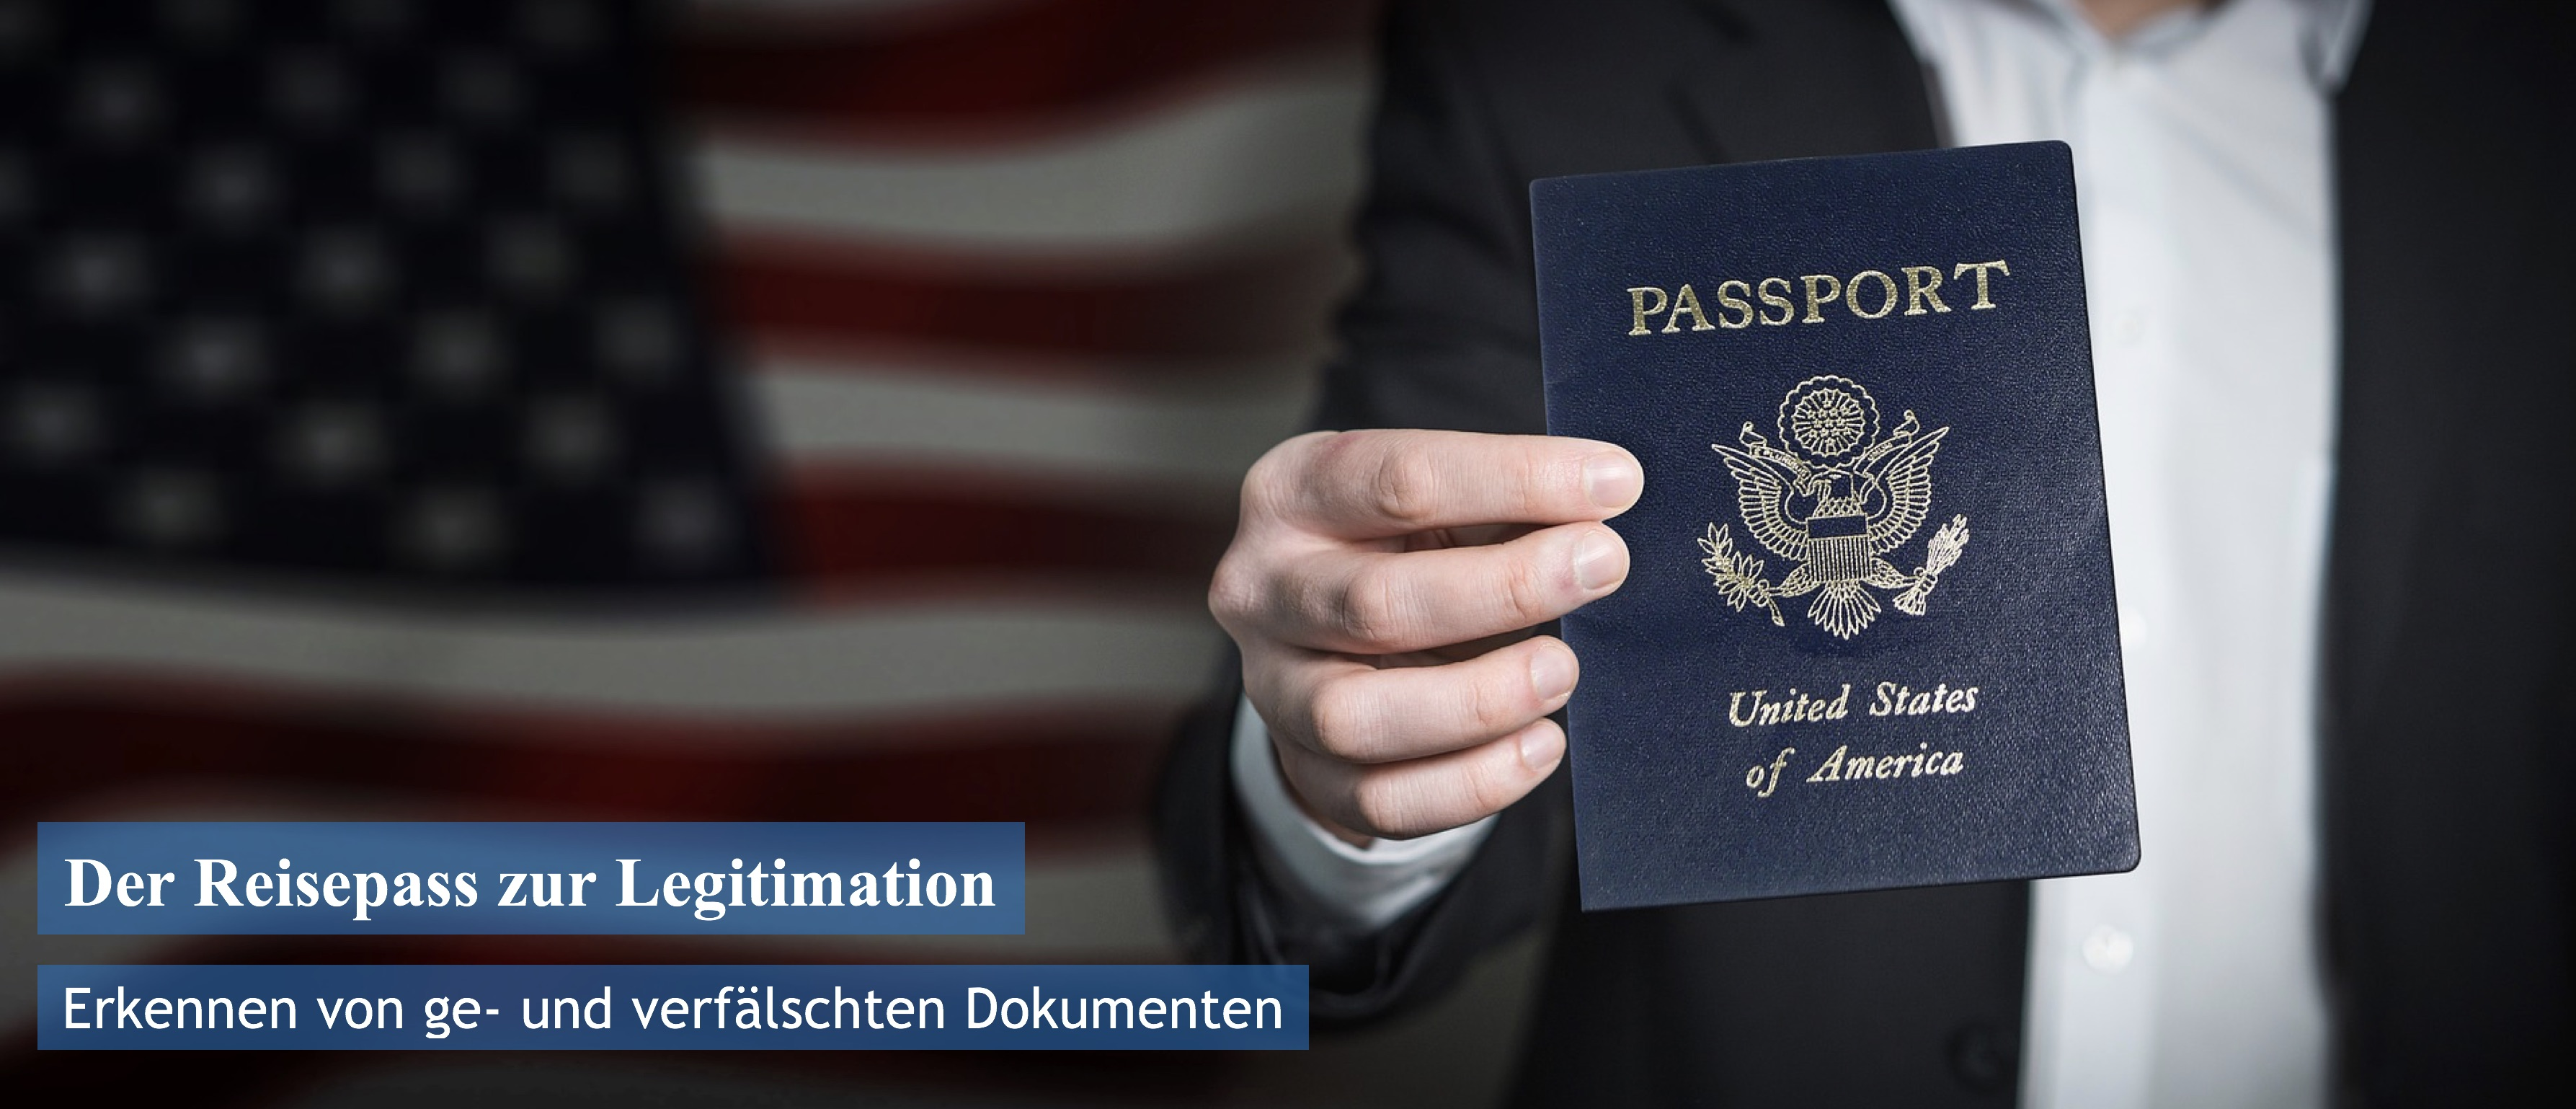 Reisepass als Legitimation Falsifikat Fälschung gefälscht verfälscht Dokumente Prado Verifikation Ausweisdokumente Passport